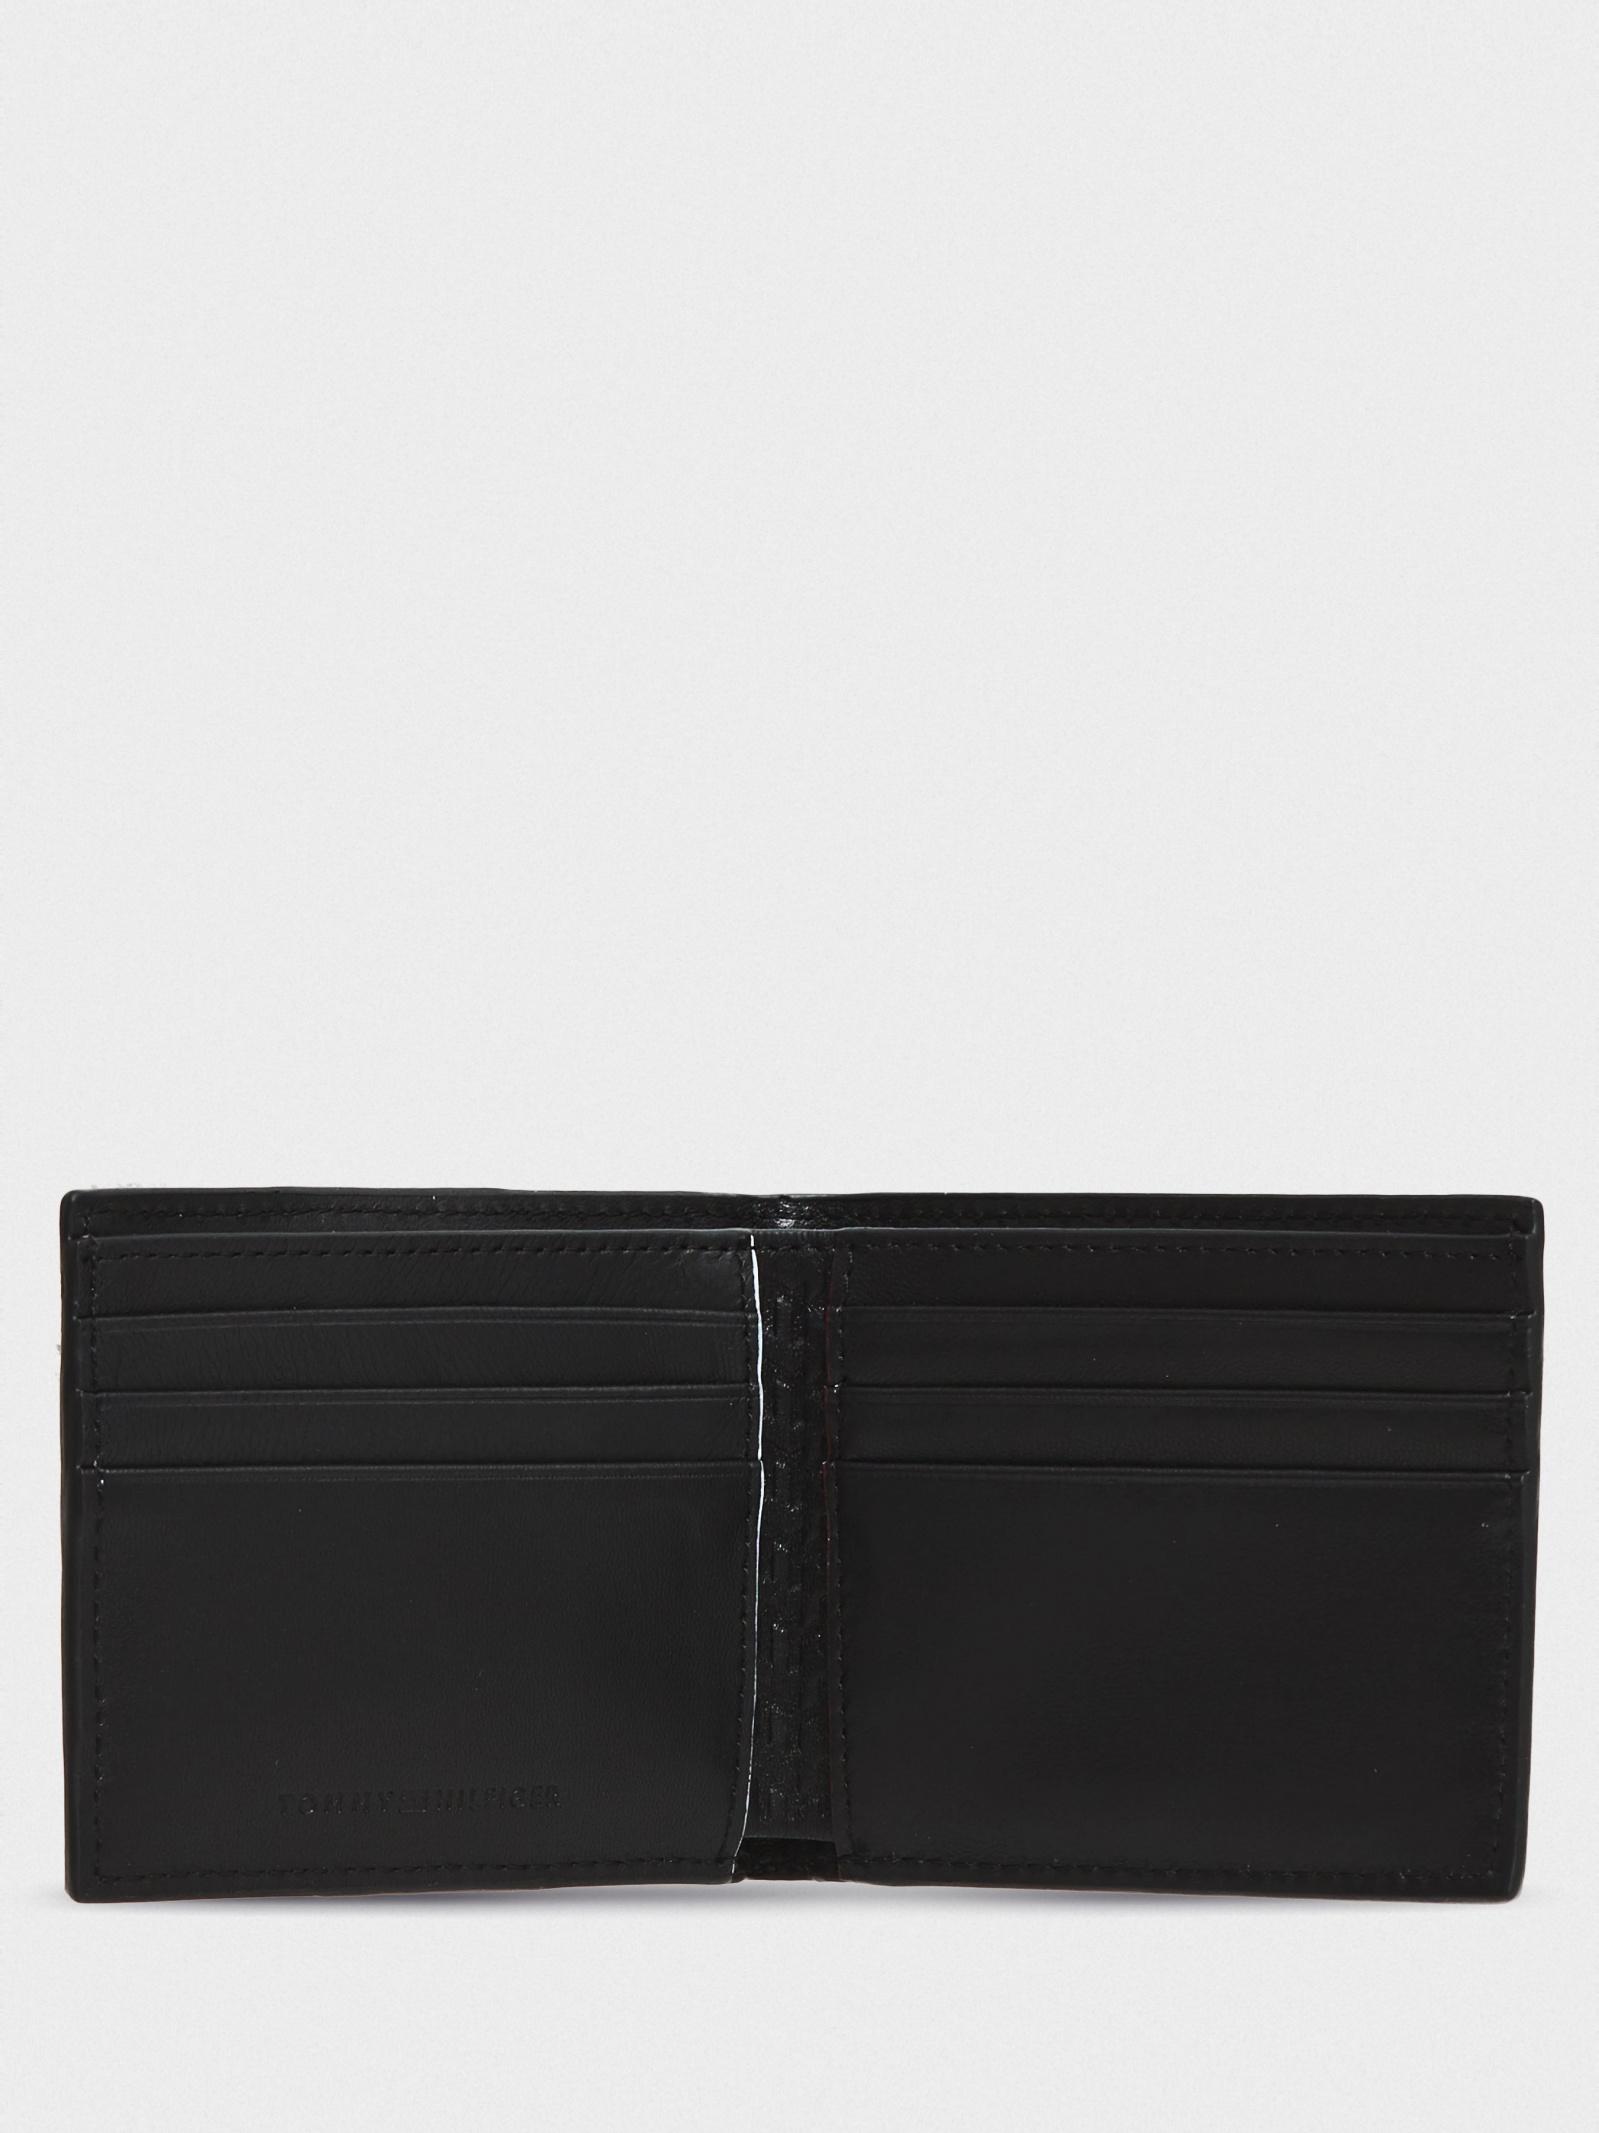 Кошельки и холдеры  Tommy Hilfiger модель AM0AM05992-BDS цена, 2017